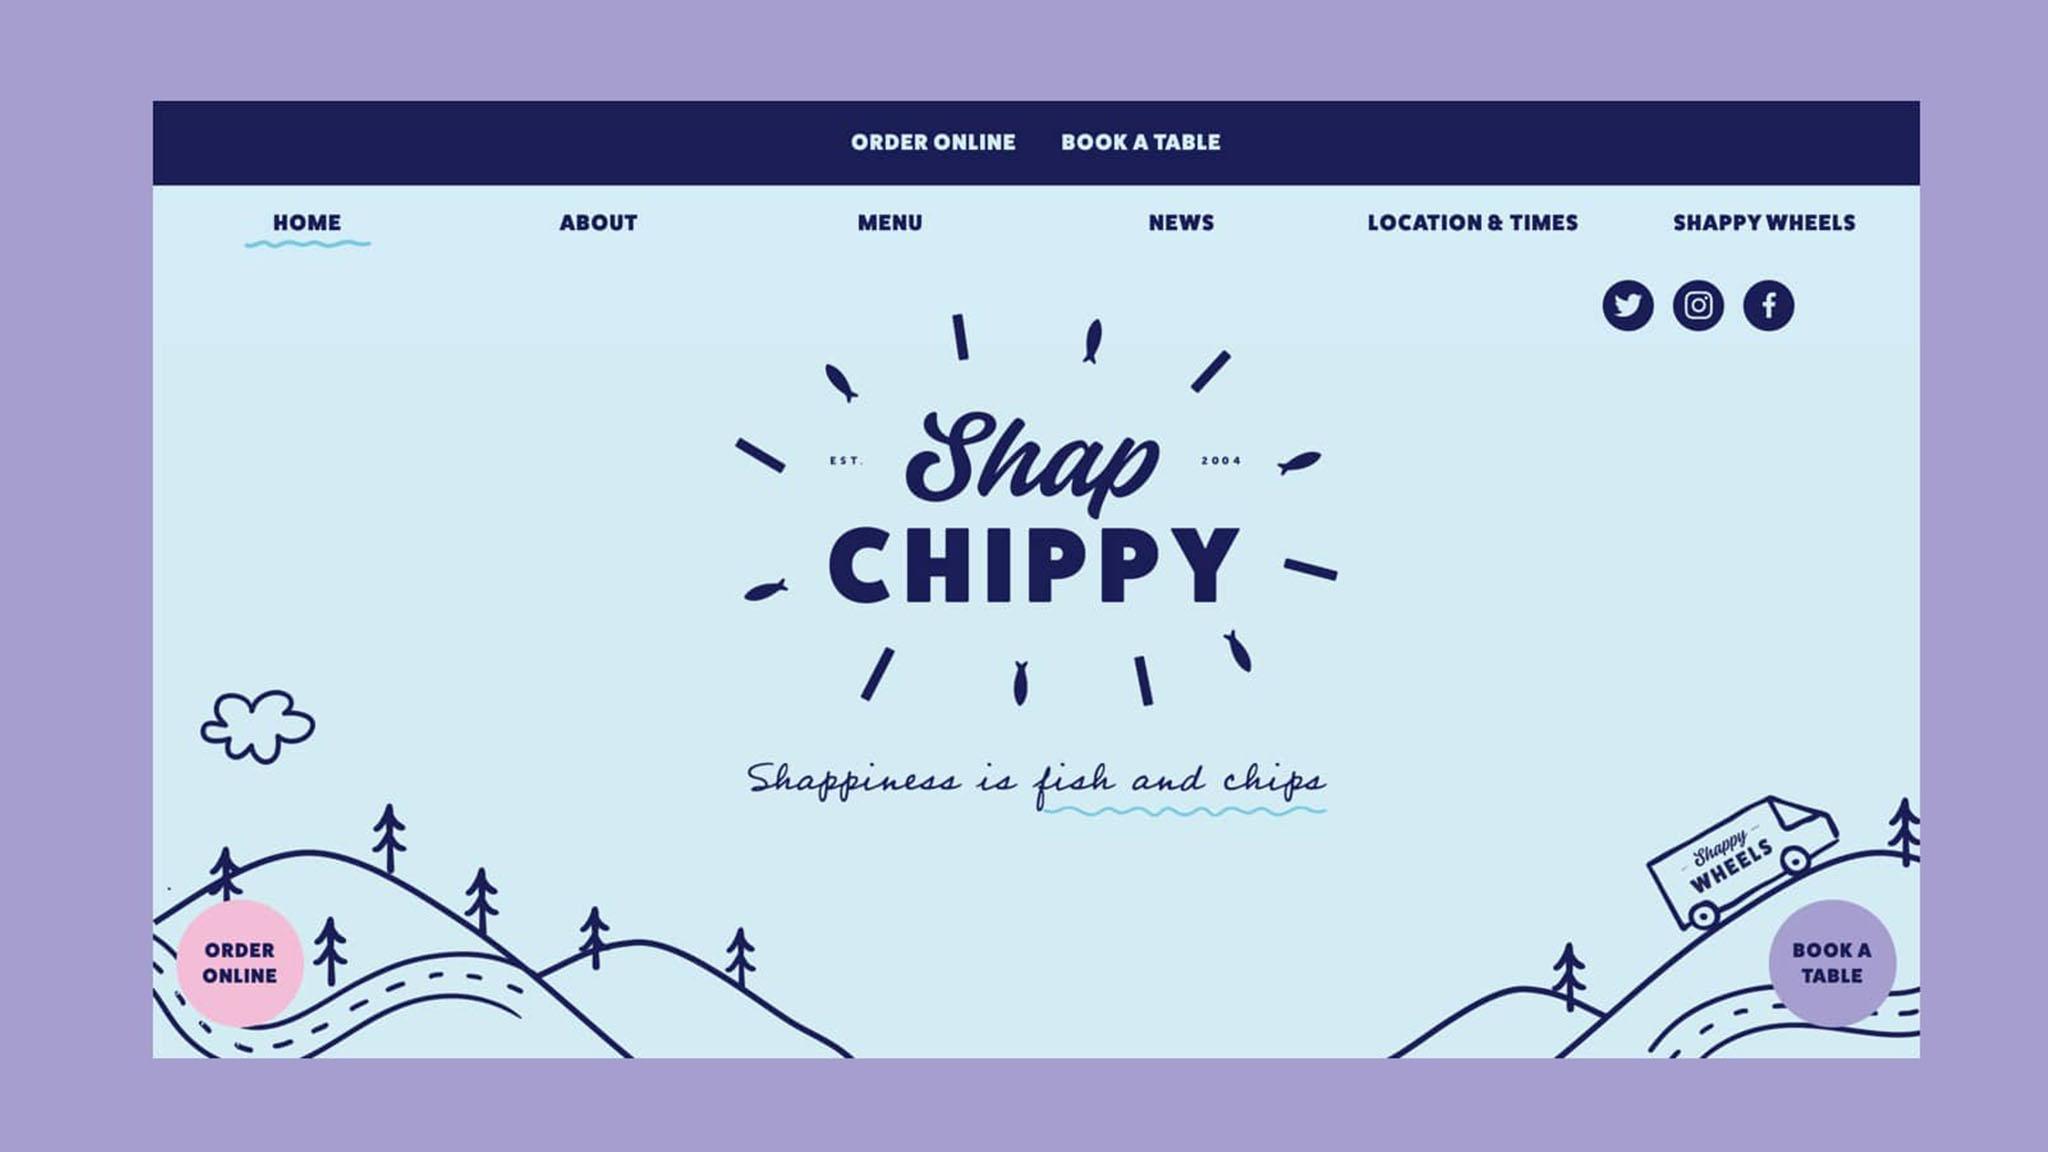 Online ordering websites